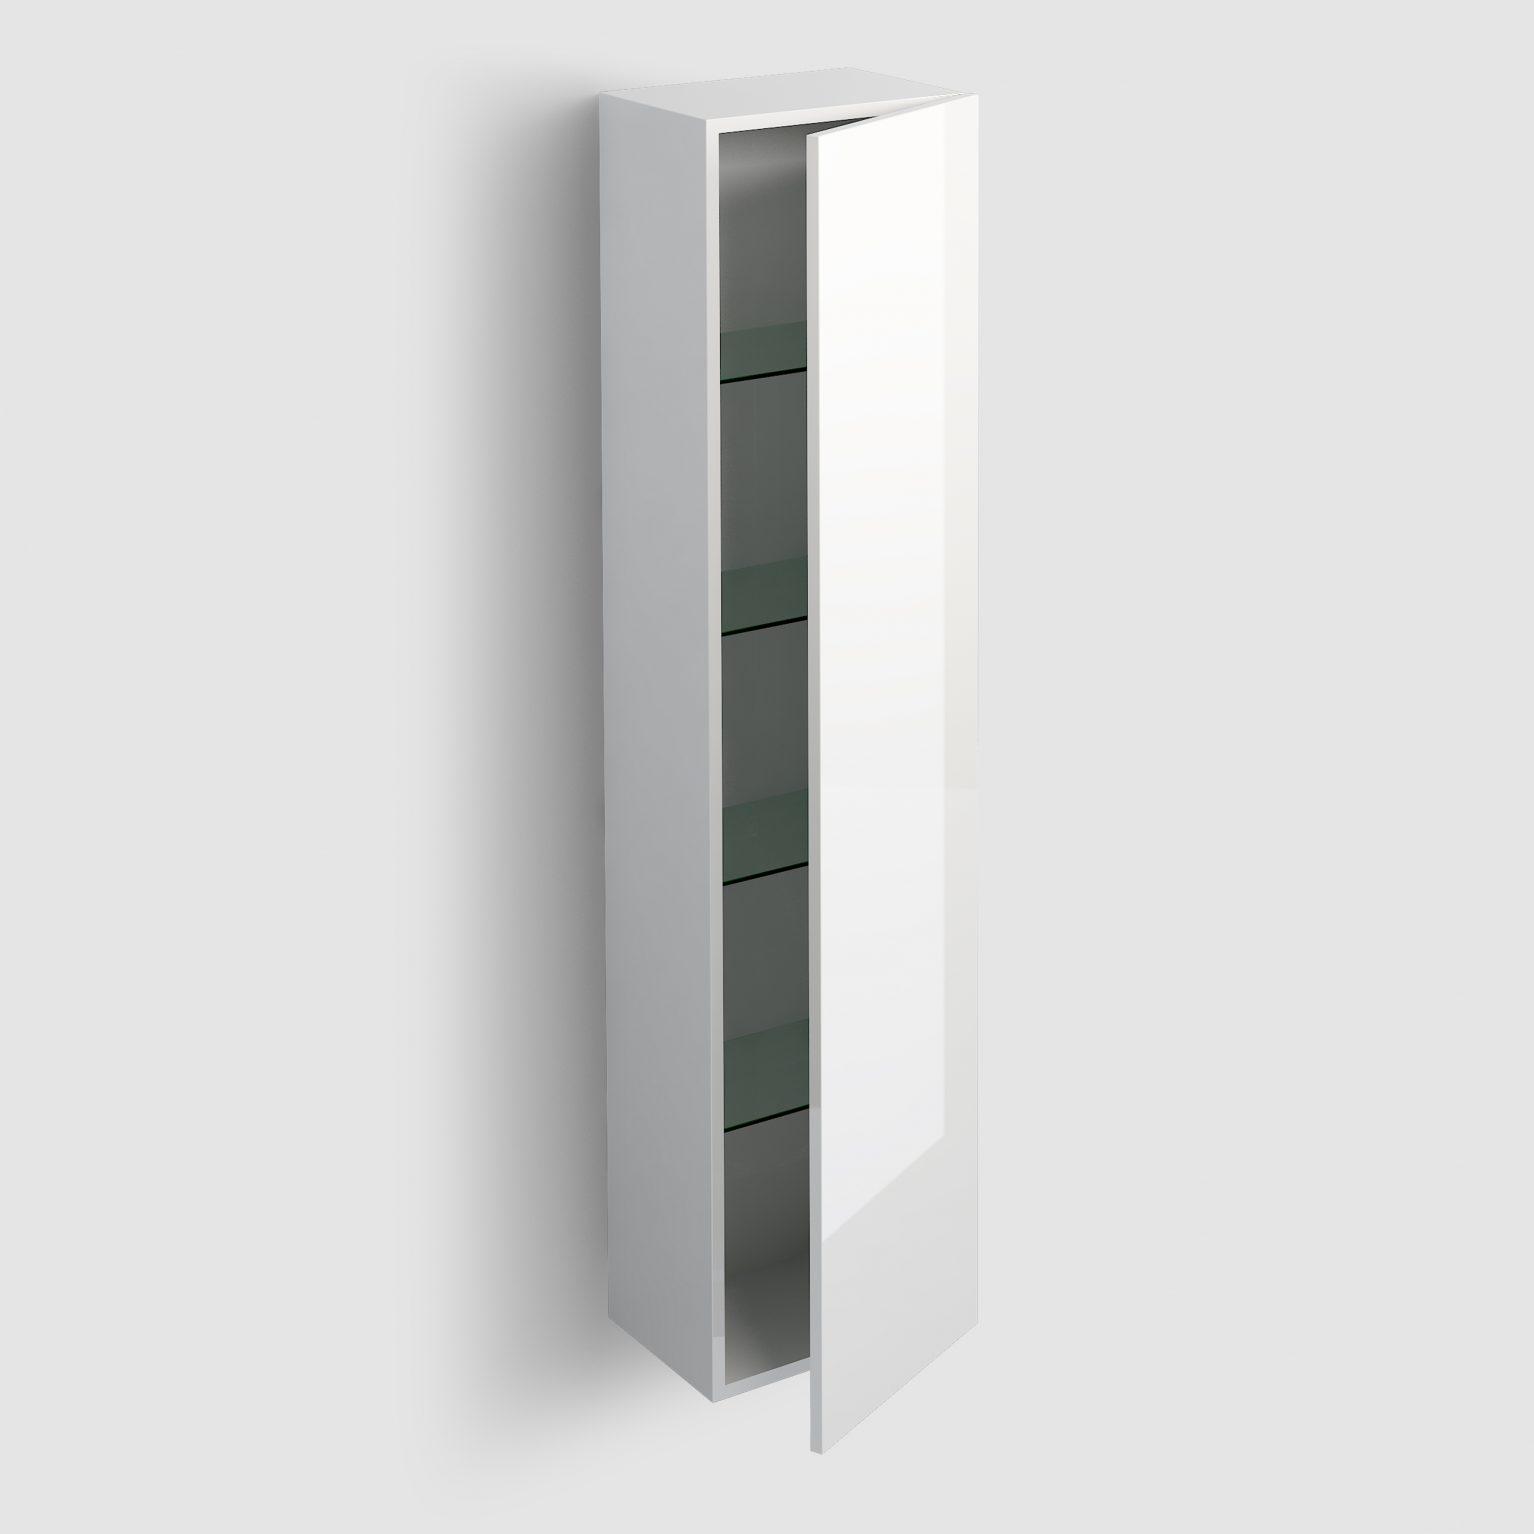 Hammock kolomkast 170cm, omkeerbaar, wit hoogglans gelakt)